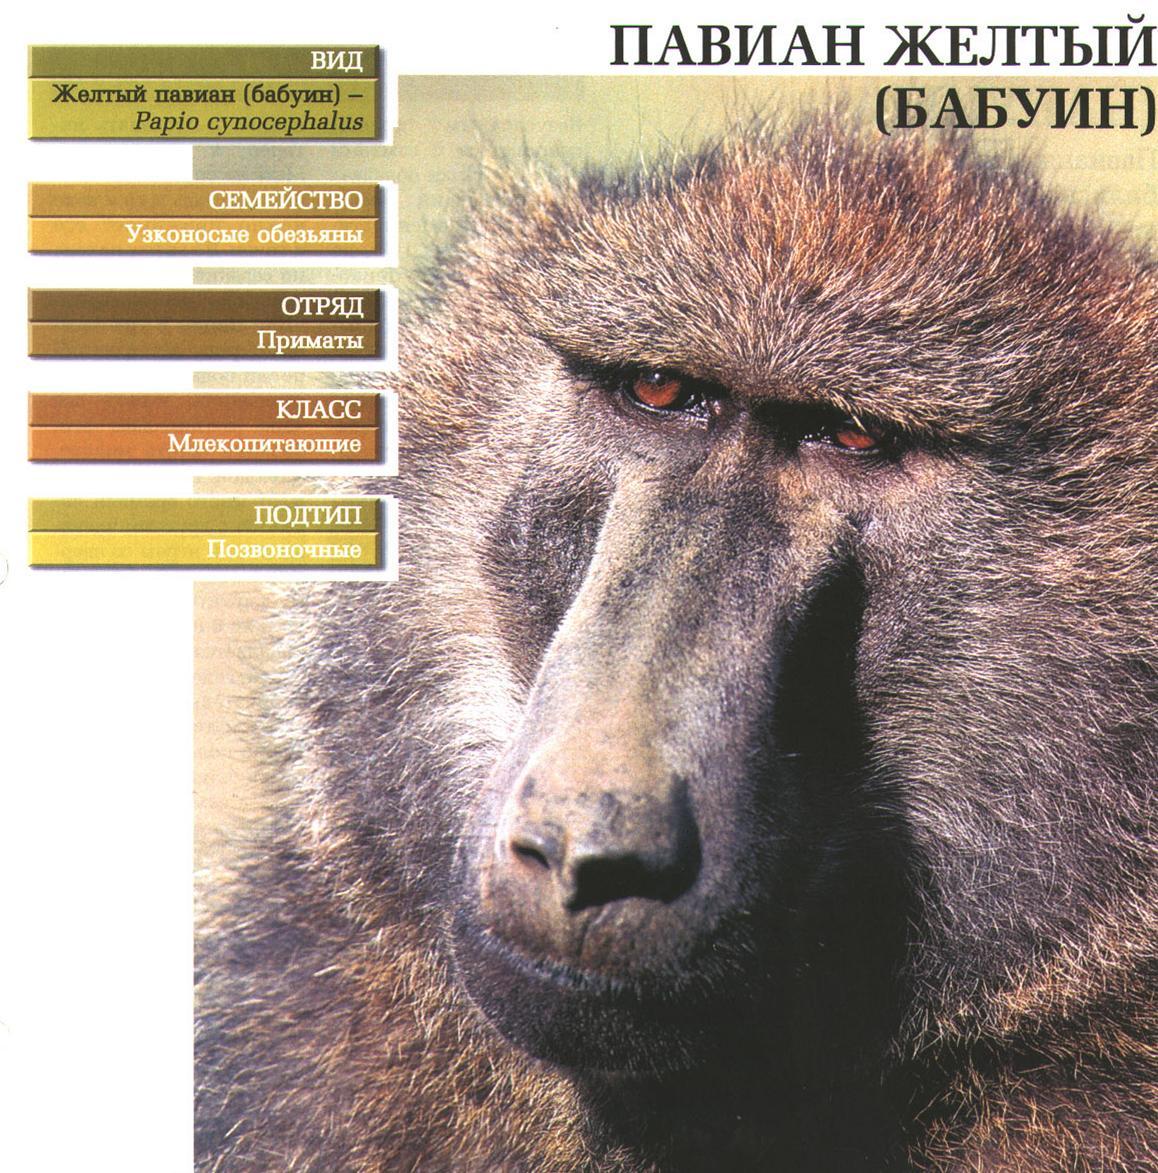 Бабуин (жёлтый павиан). Классификация.